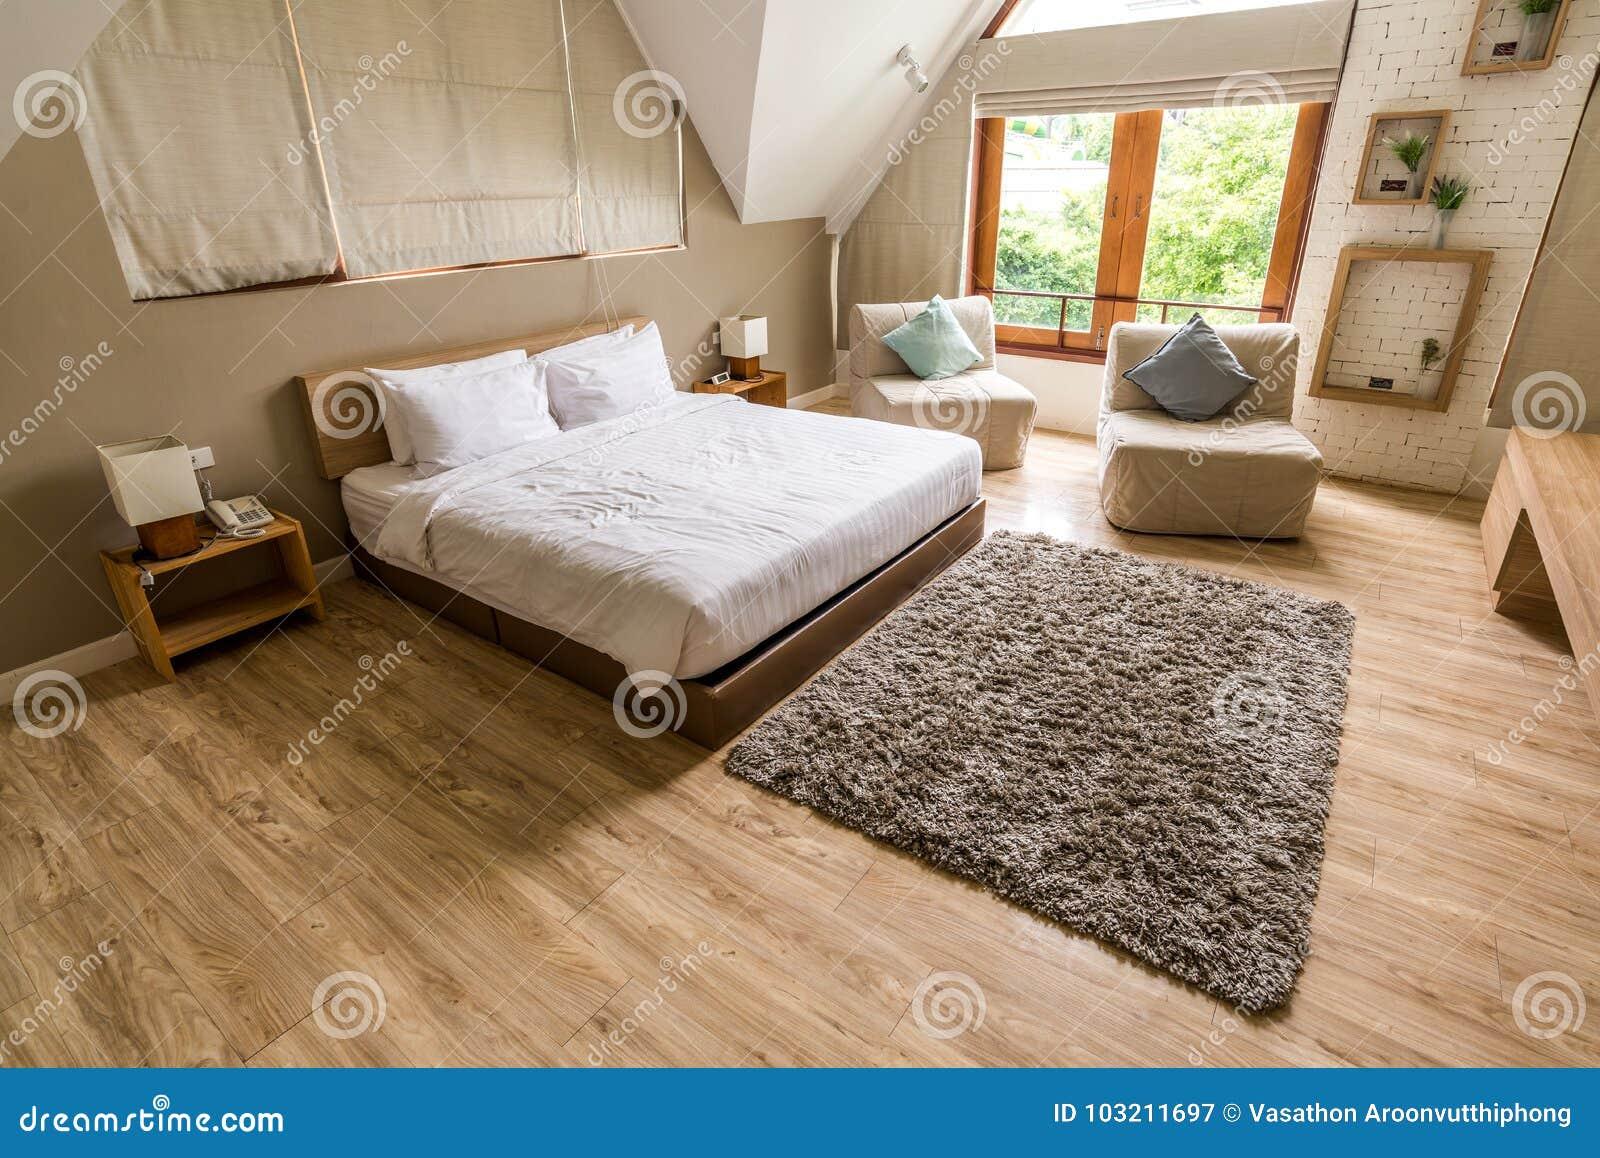 Witte Houten Vloer Slaapkamer.Moderne Witte Slaapkamer Op Houten Vloer Stock Afbeelding